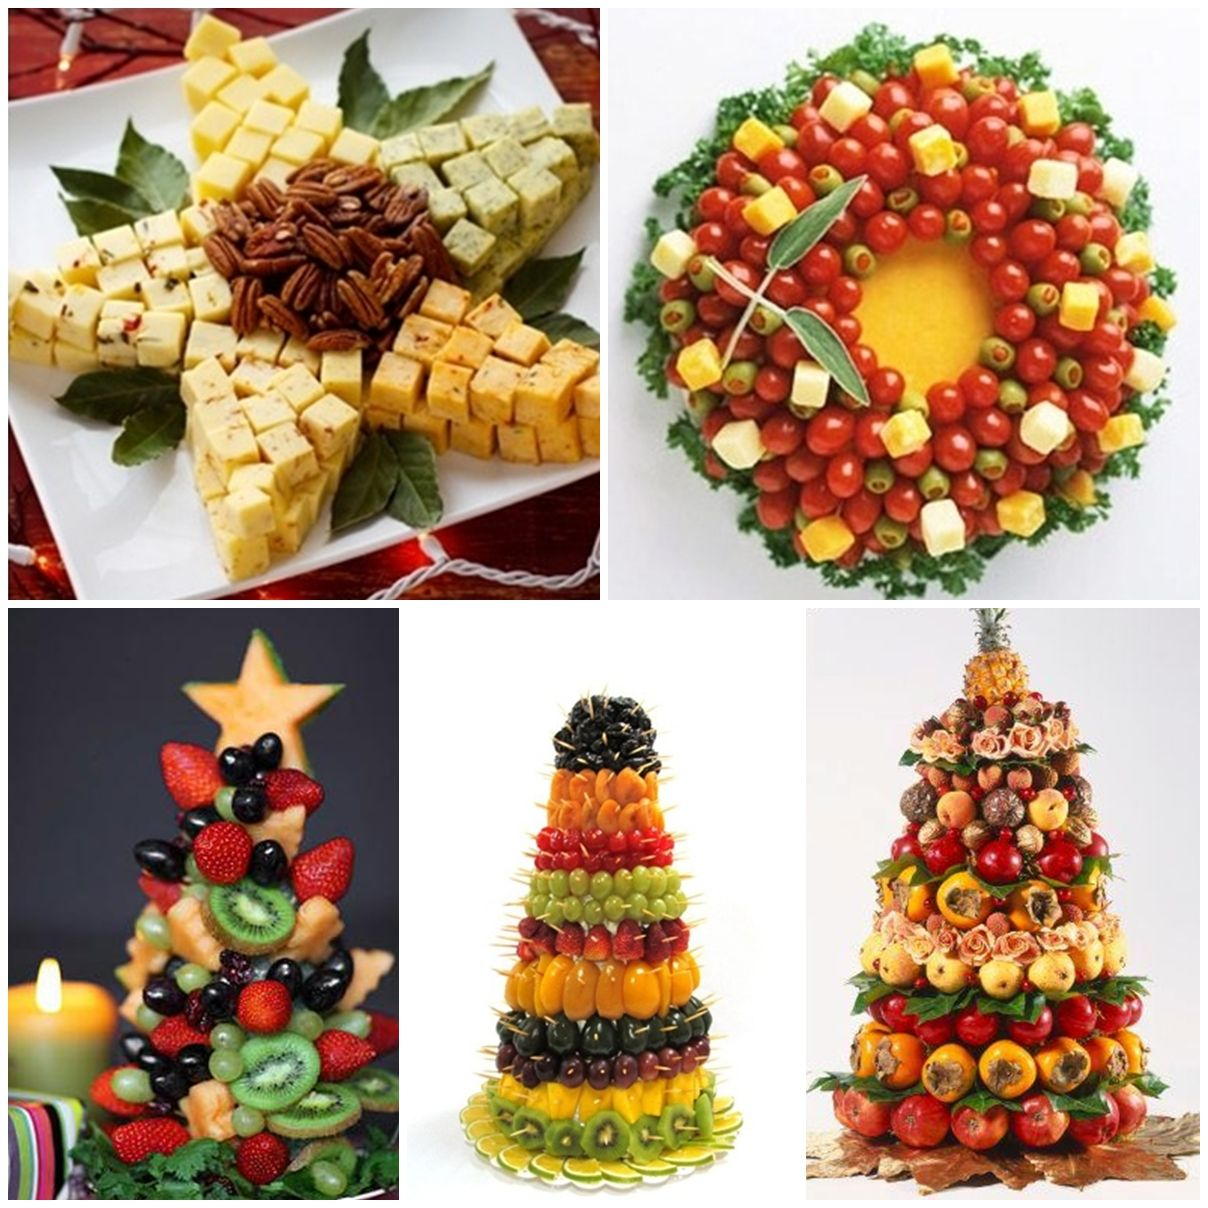 frutas e queijos decorados natal natal Ceia de natal ideias, Decoraç u00e3o de frutas e Frutas natal # Decoração Mesa De Frutas Natal Simples